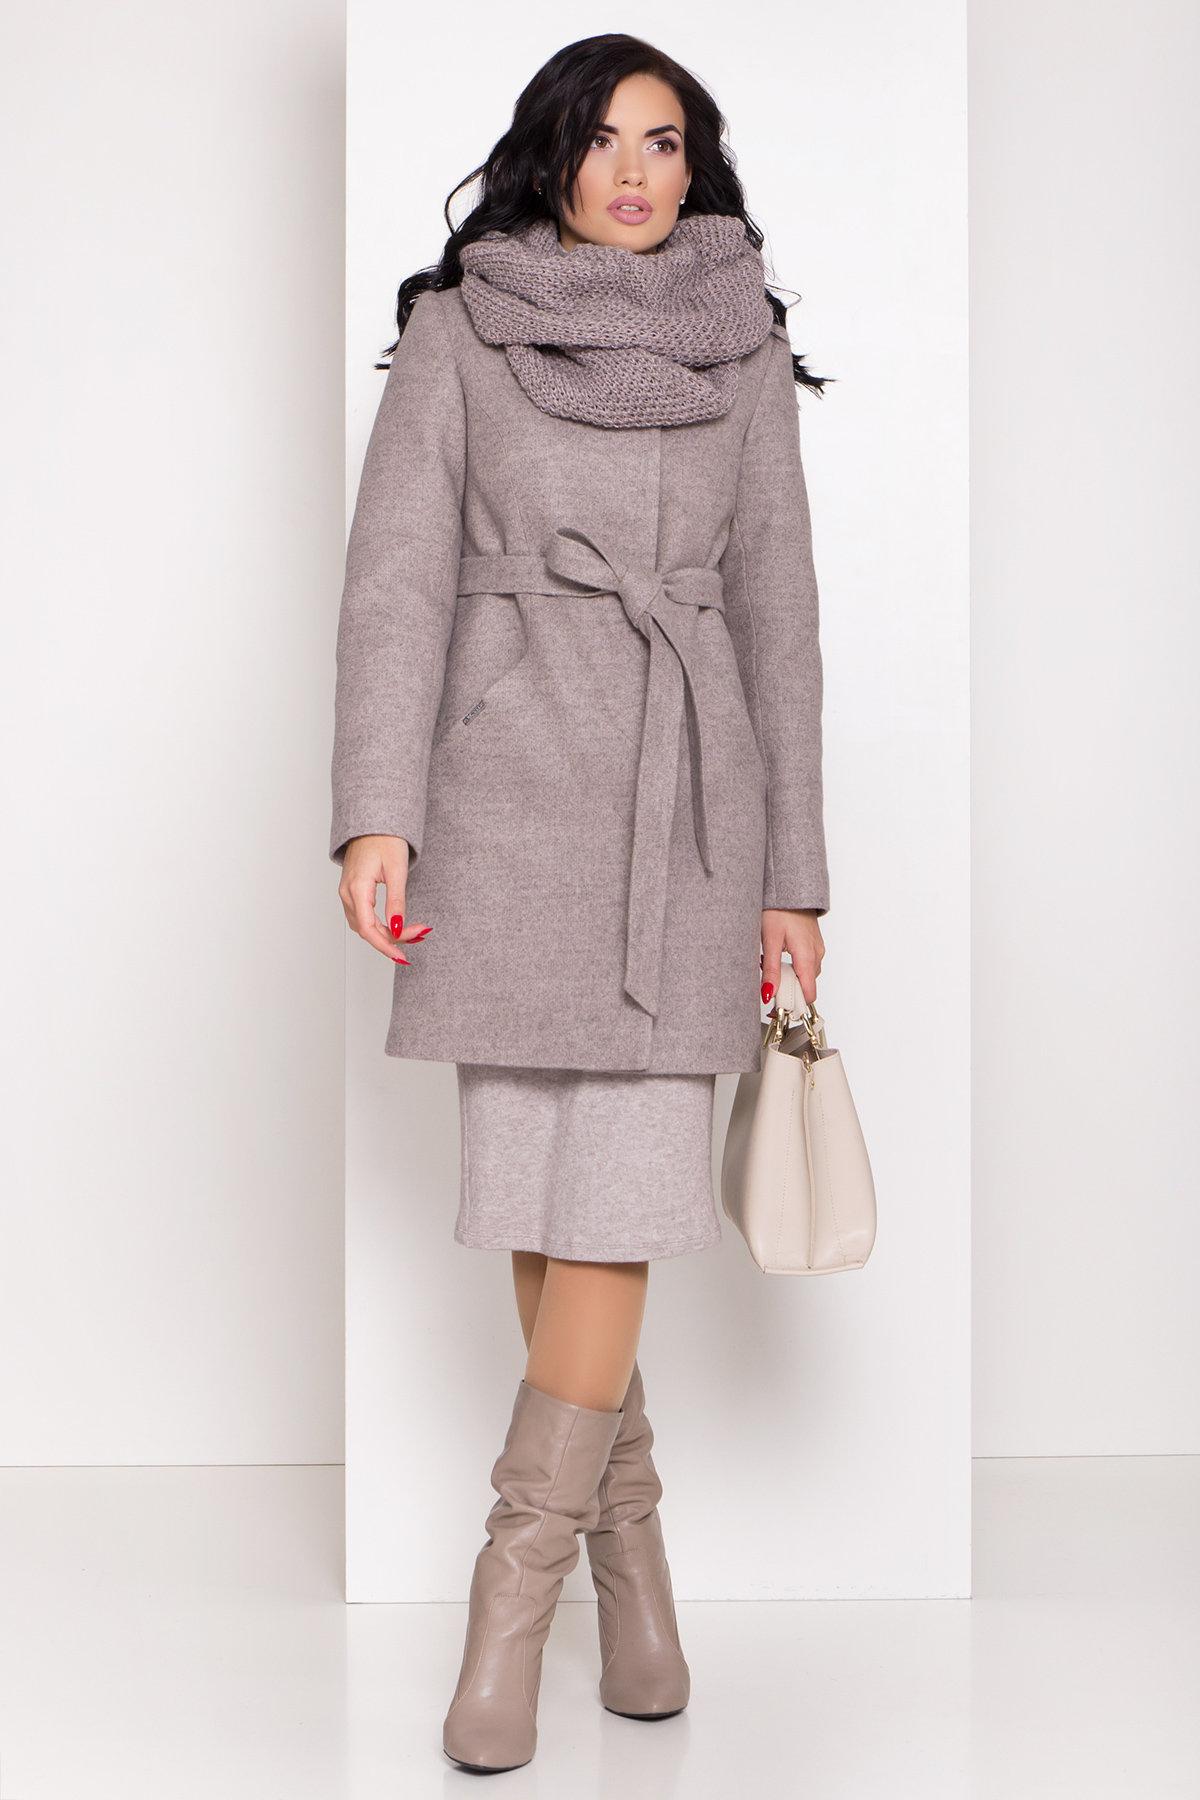 Зимнее пальто молодежное Зимнее пальто с круговым шарфом  Сплит 8406